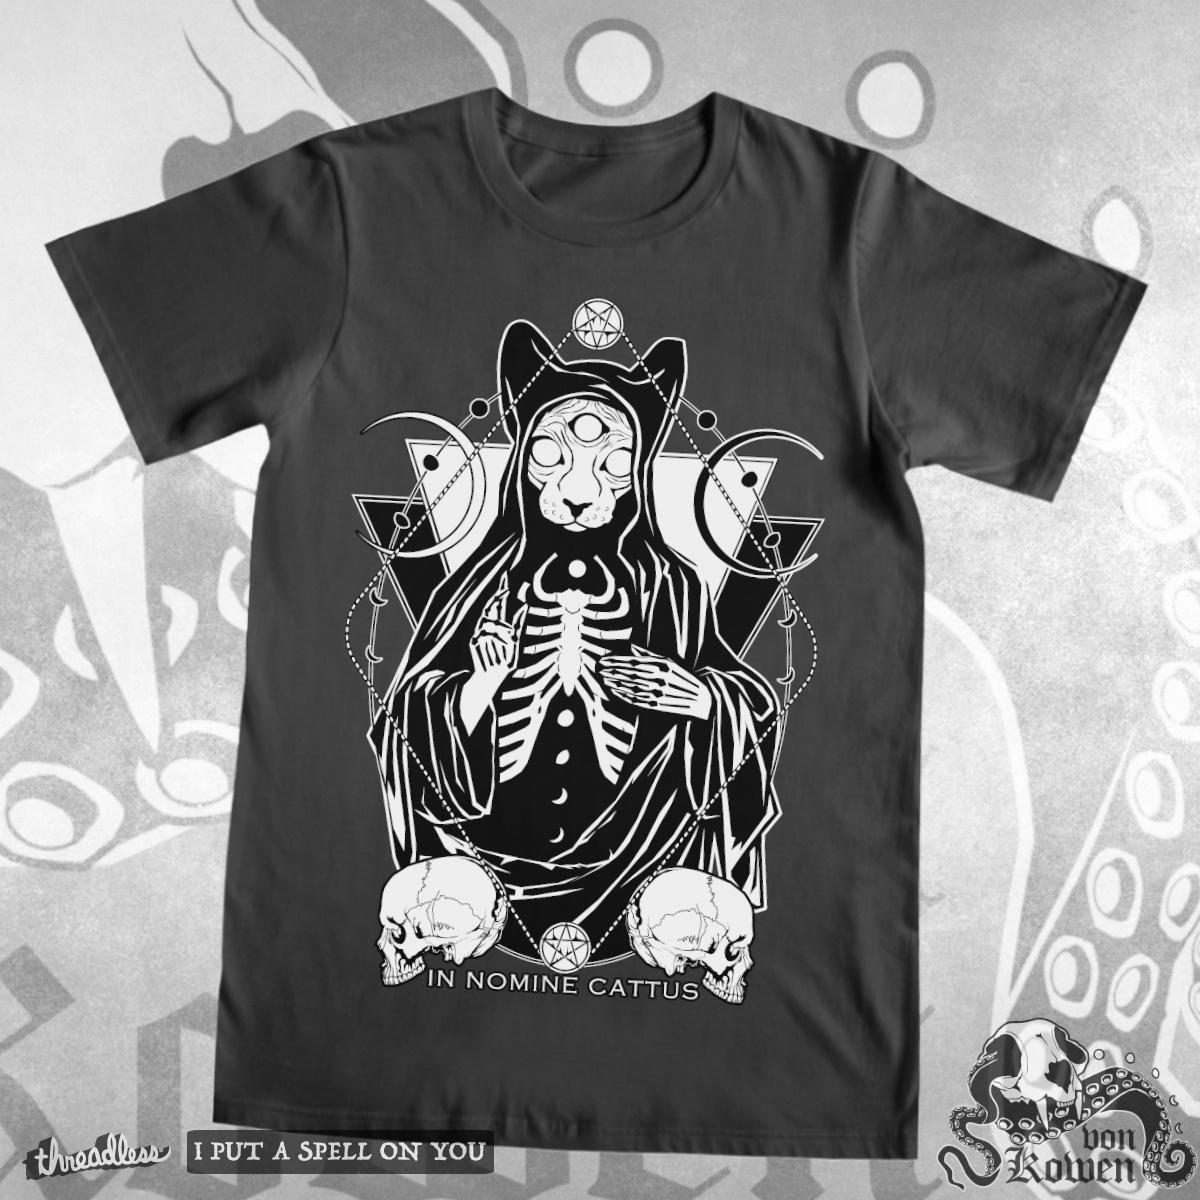 Cat Priest by vonKowen on Threadless